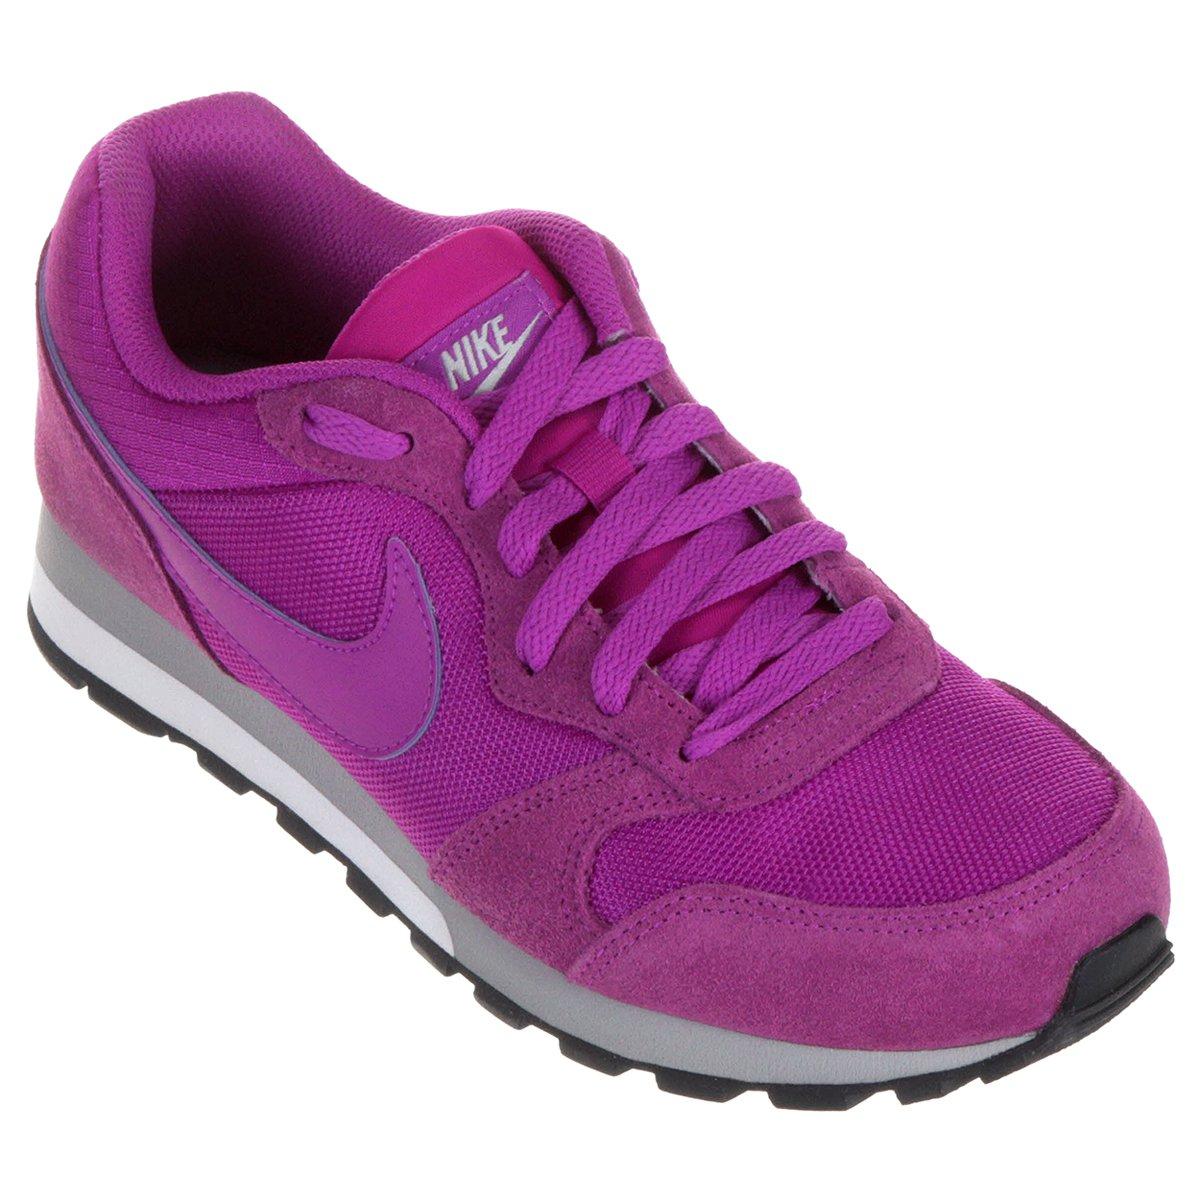 6a74a53d94398 Tênis Nike Md Runner 2 Feminino - Roxo - Compre Agora